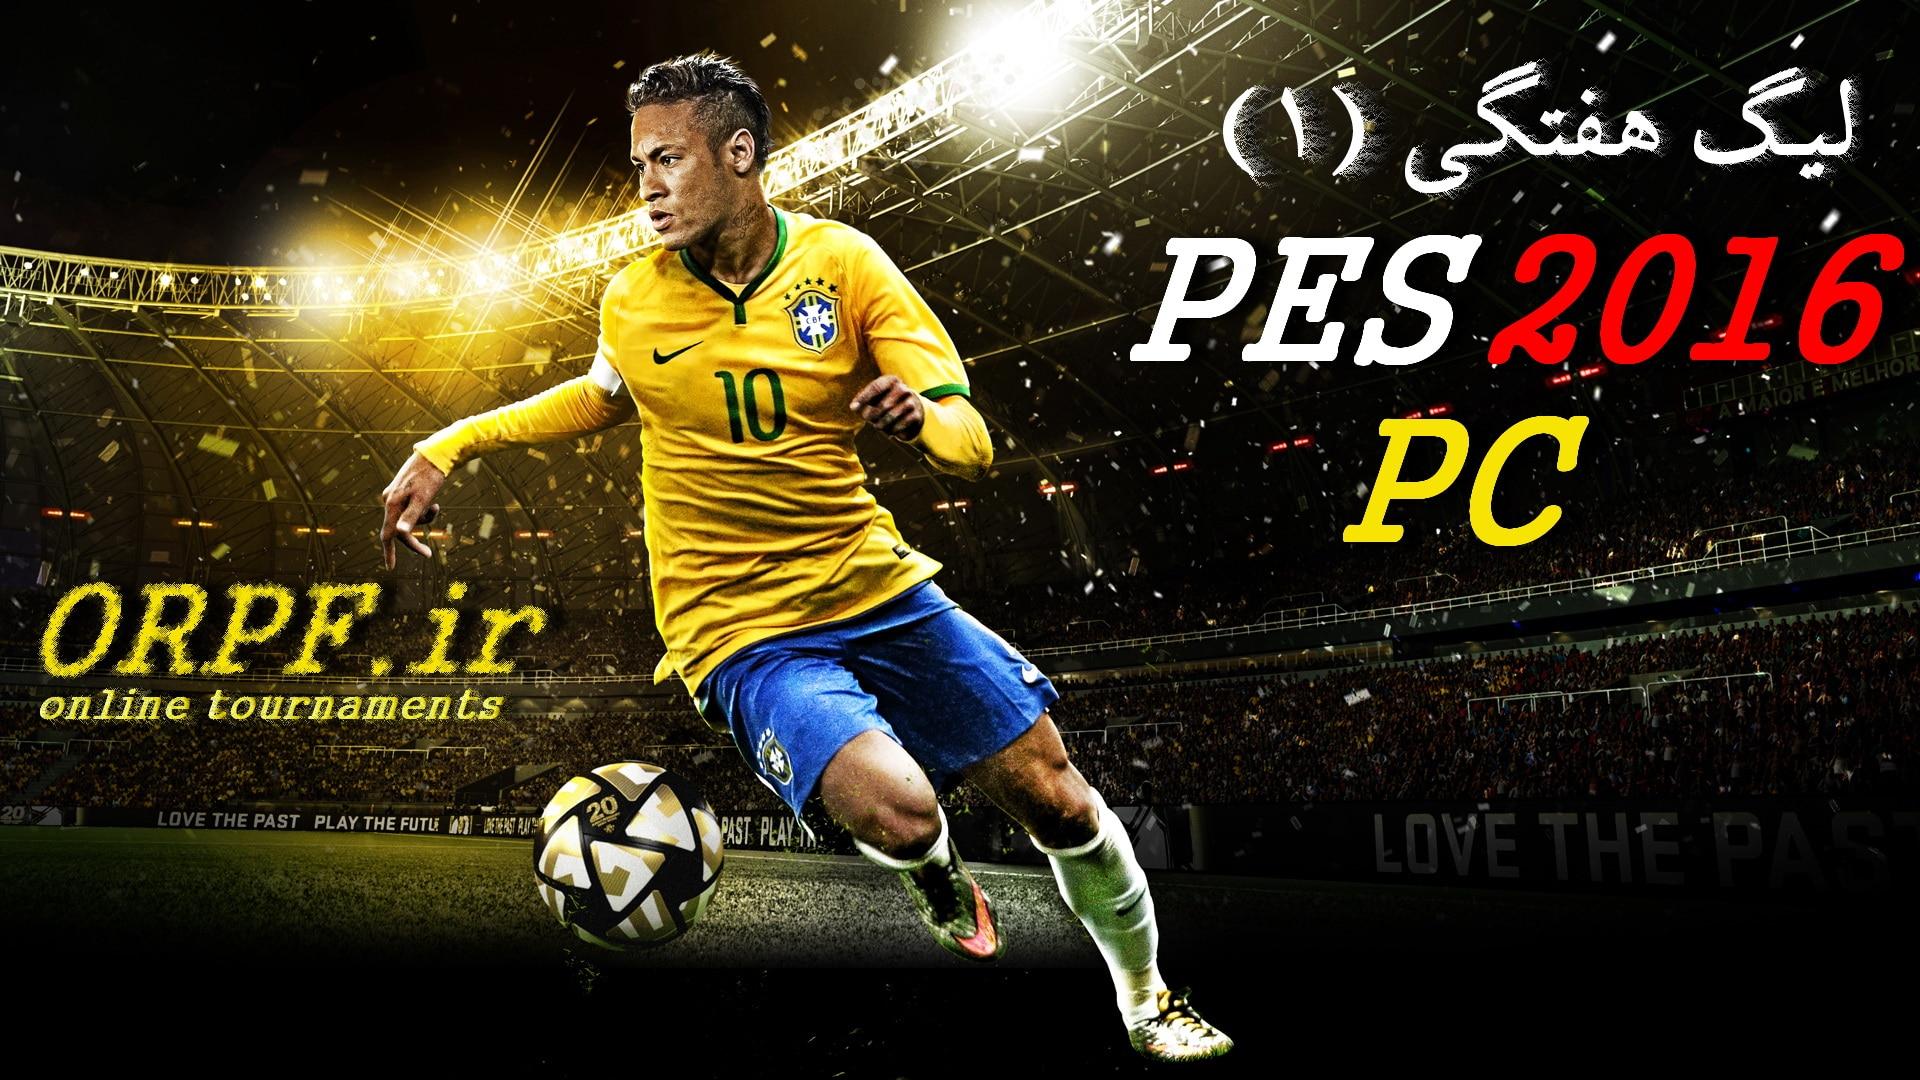 اولین دوره لیگ هفتگی PES 2016 | PC